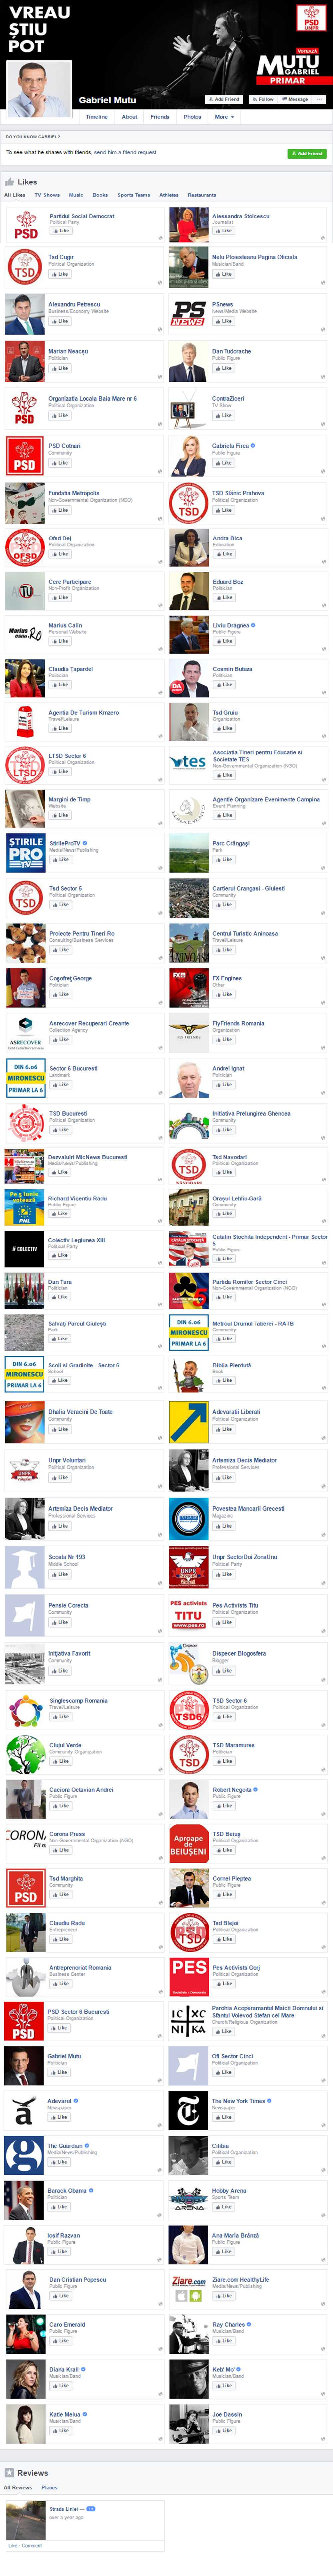 mutu prieteni facebook mironescu optimized